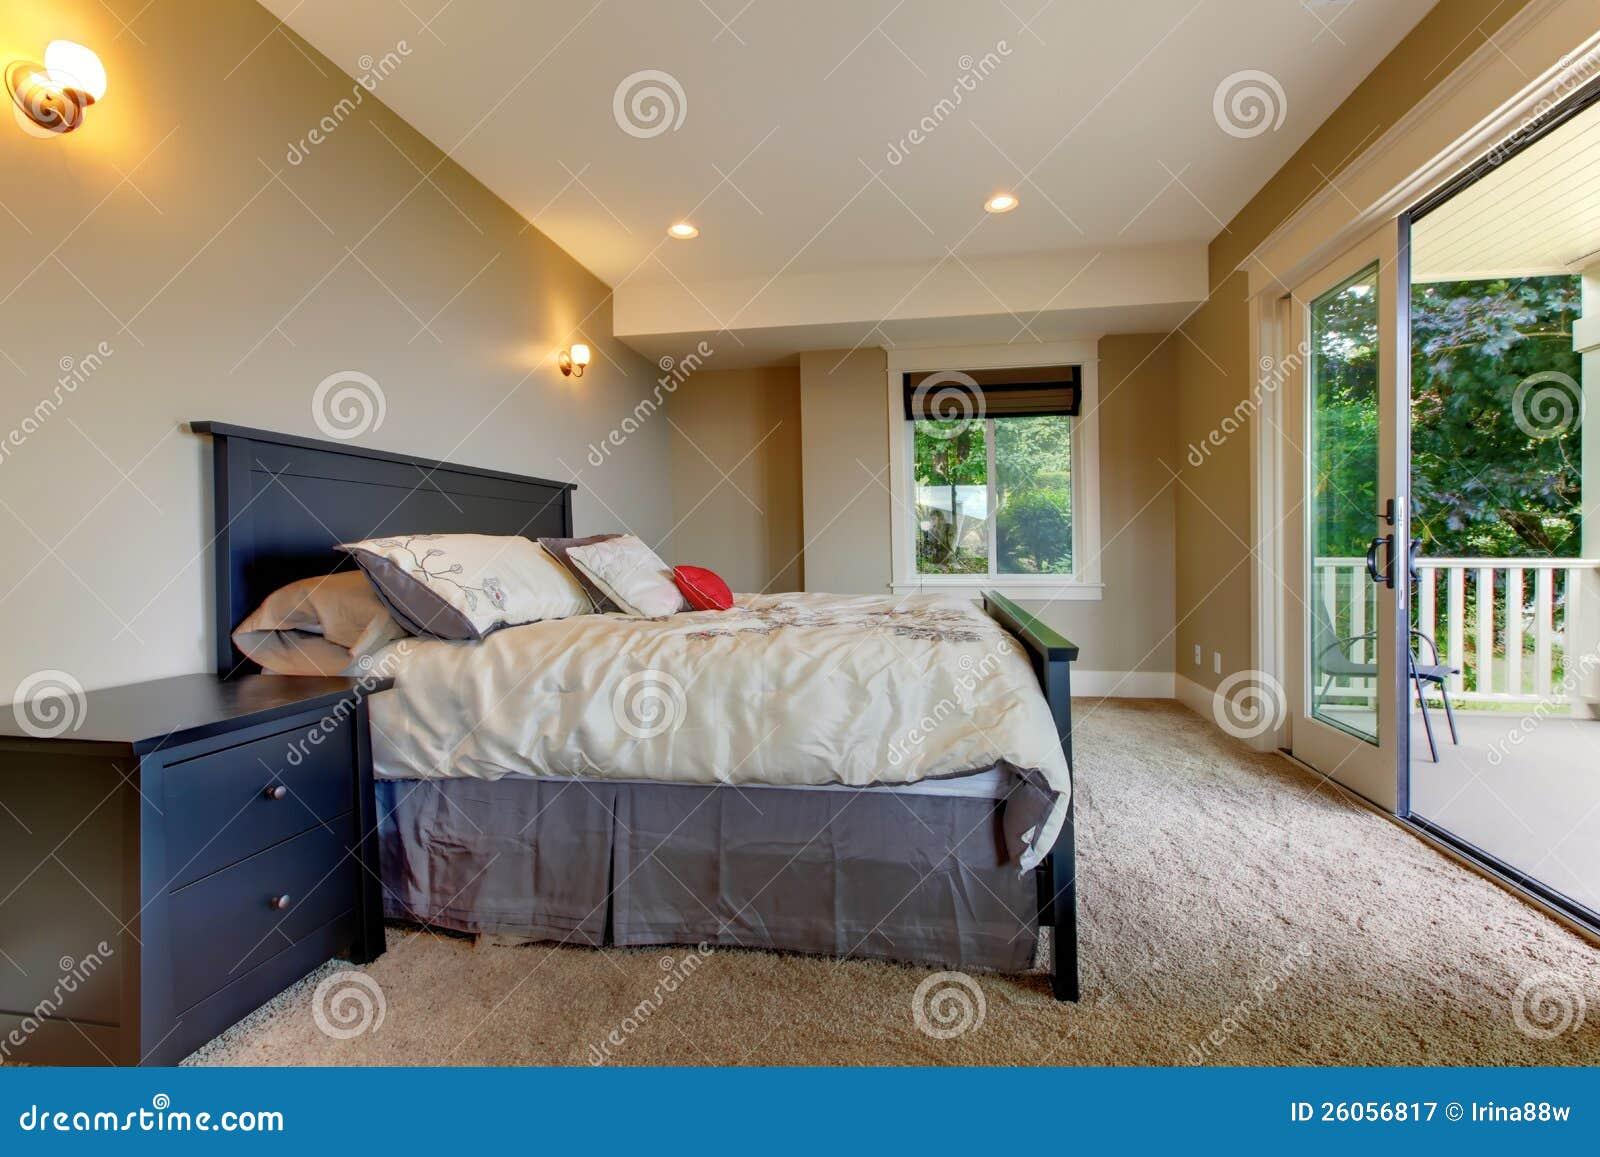 Schlafzimmer Mit Teppich Und Großer Balkontür. Stockbild - Bild von ...